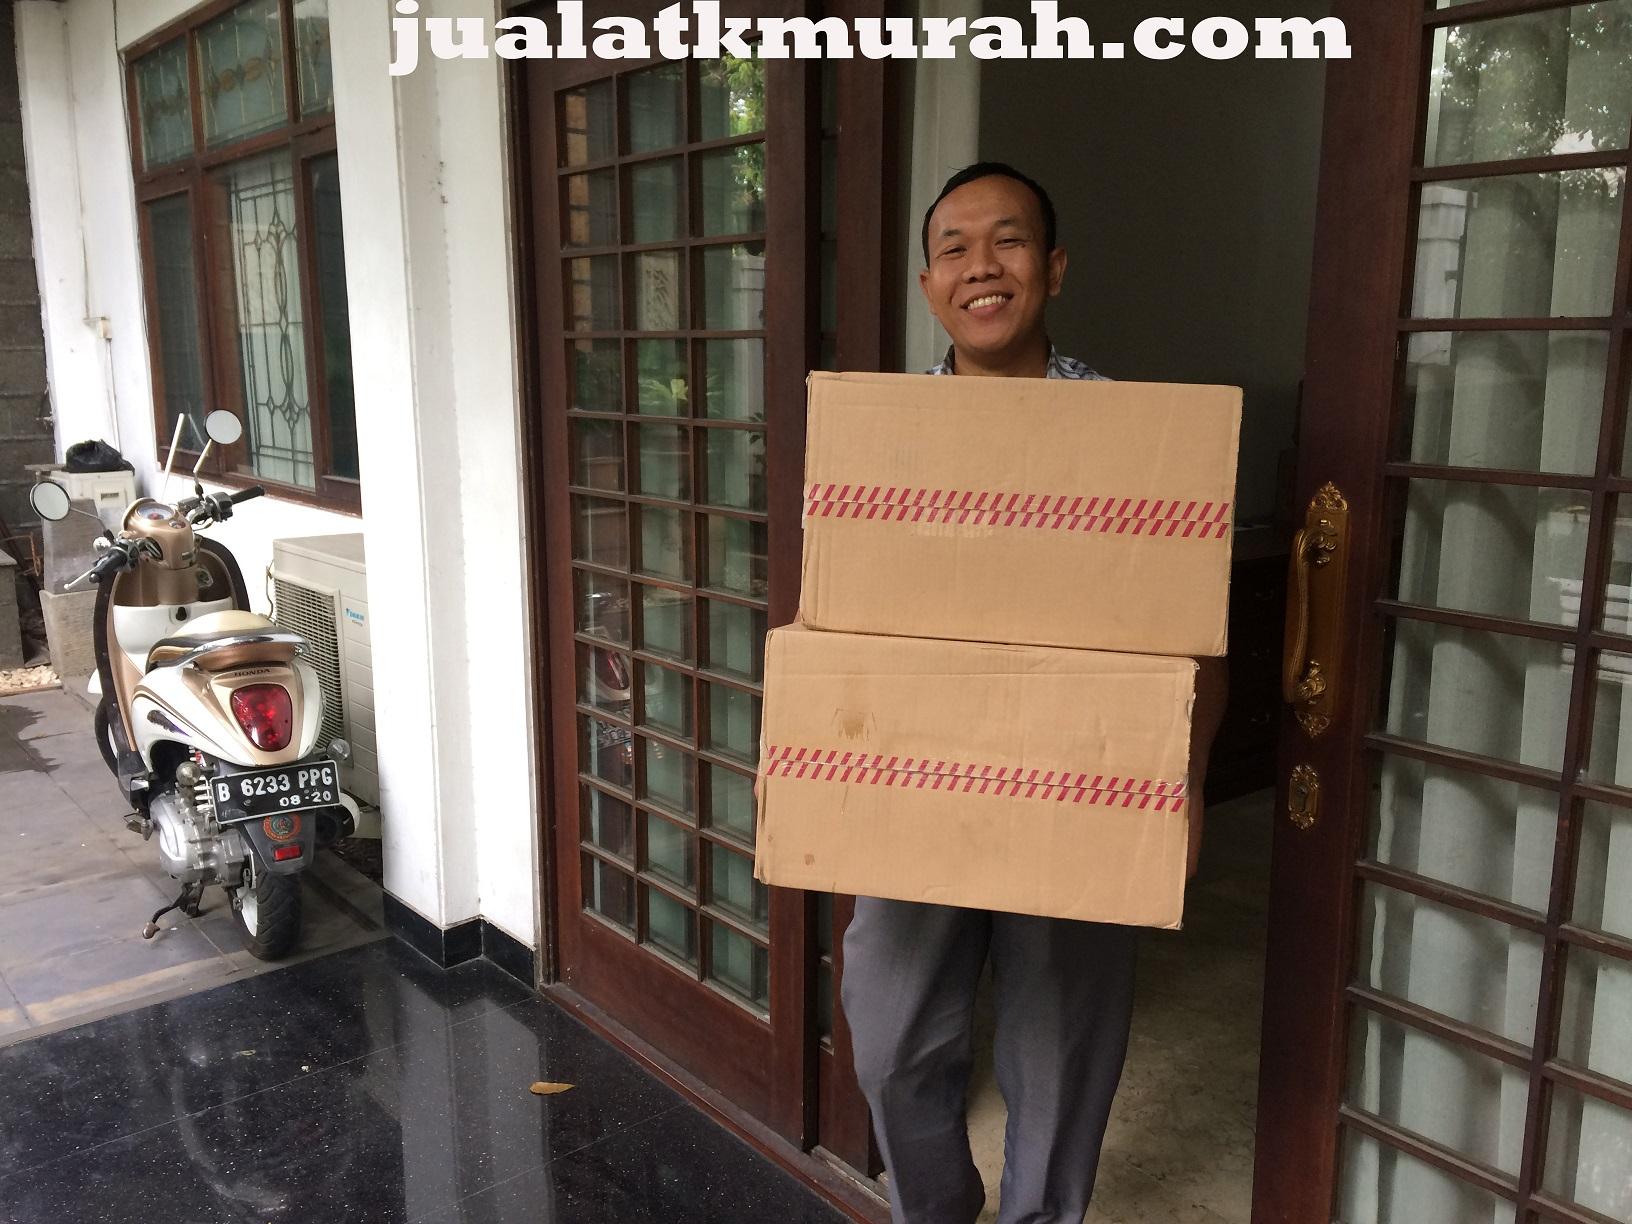 Jual ATK Murah di Pos Pengumben Jakarta Barat